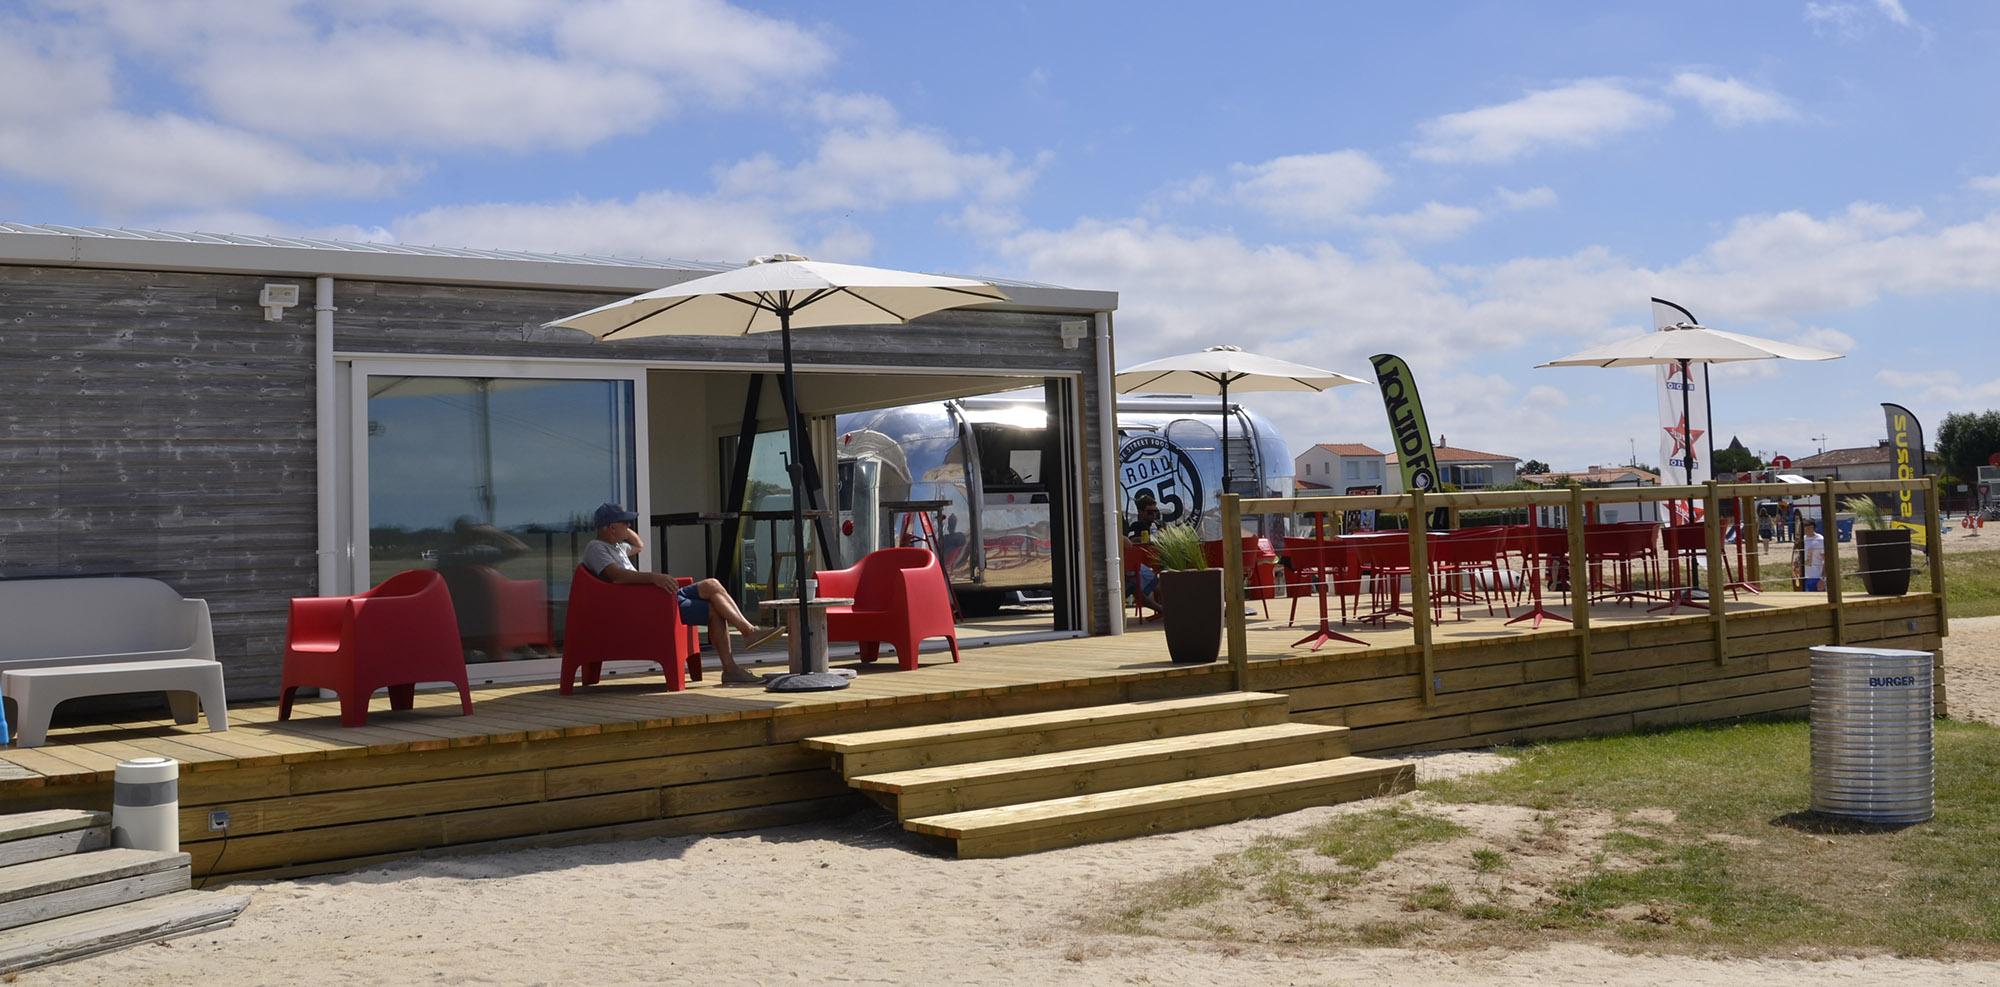 Snack-bar aiguillon sur mer